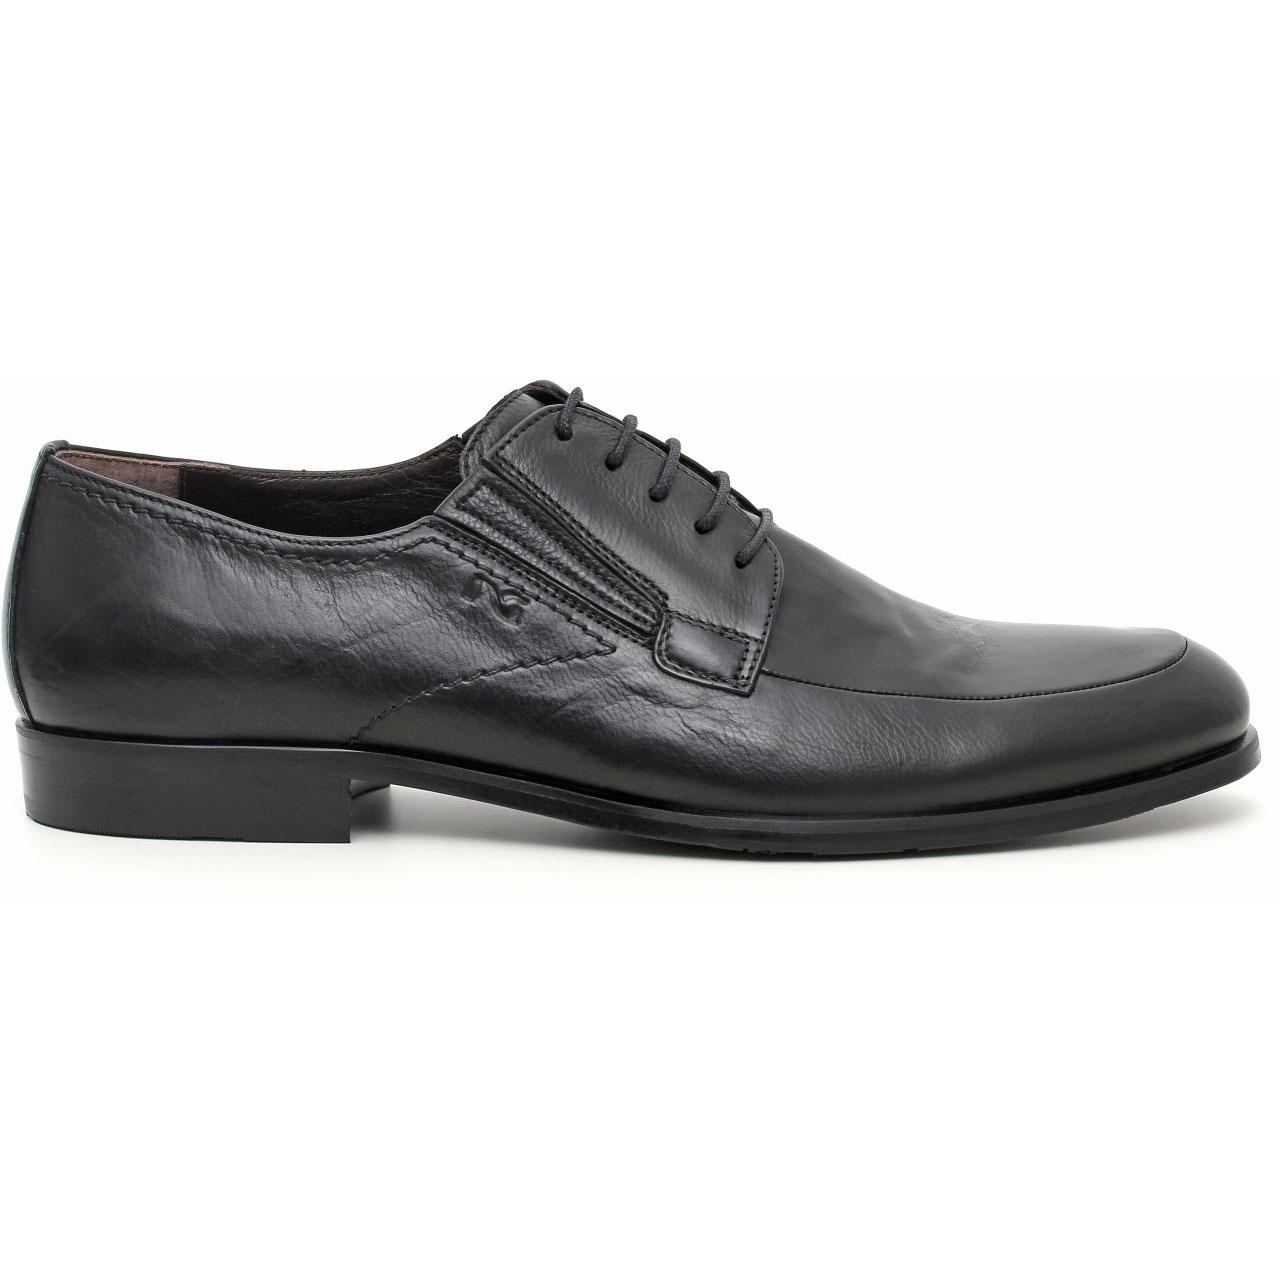 Scarpe stringate eleganti nero giardini collezione inverno - Nero giardini scarpe donne ...